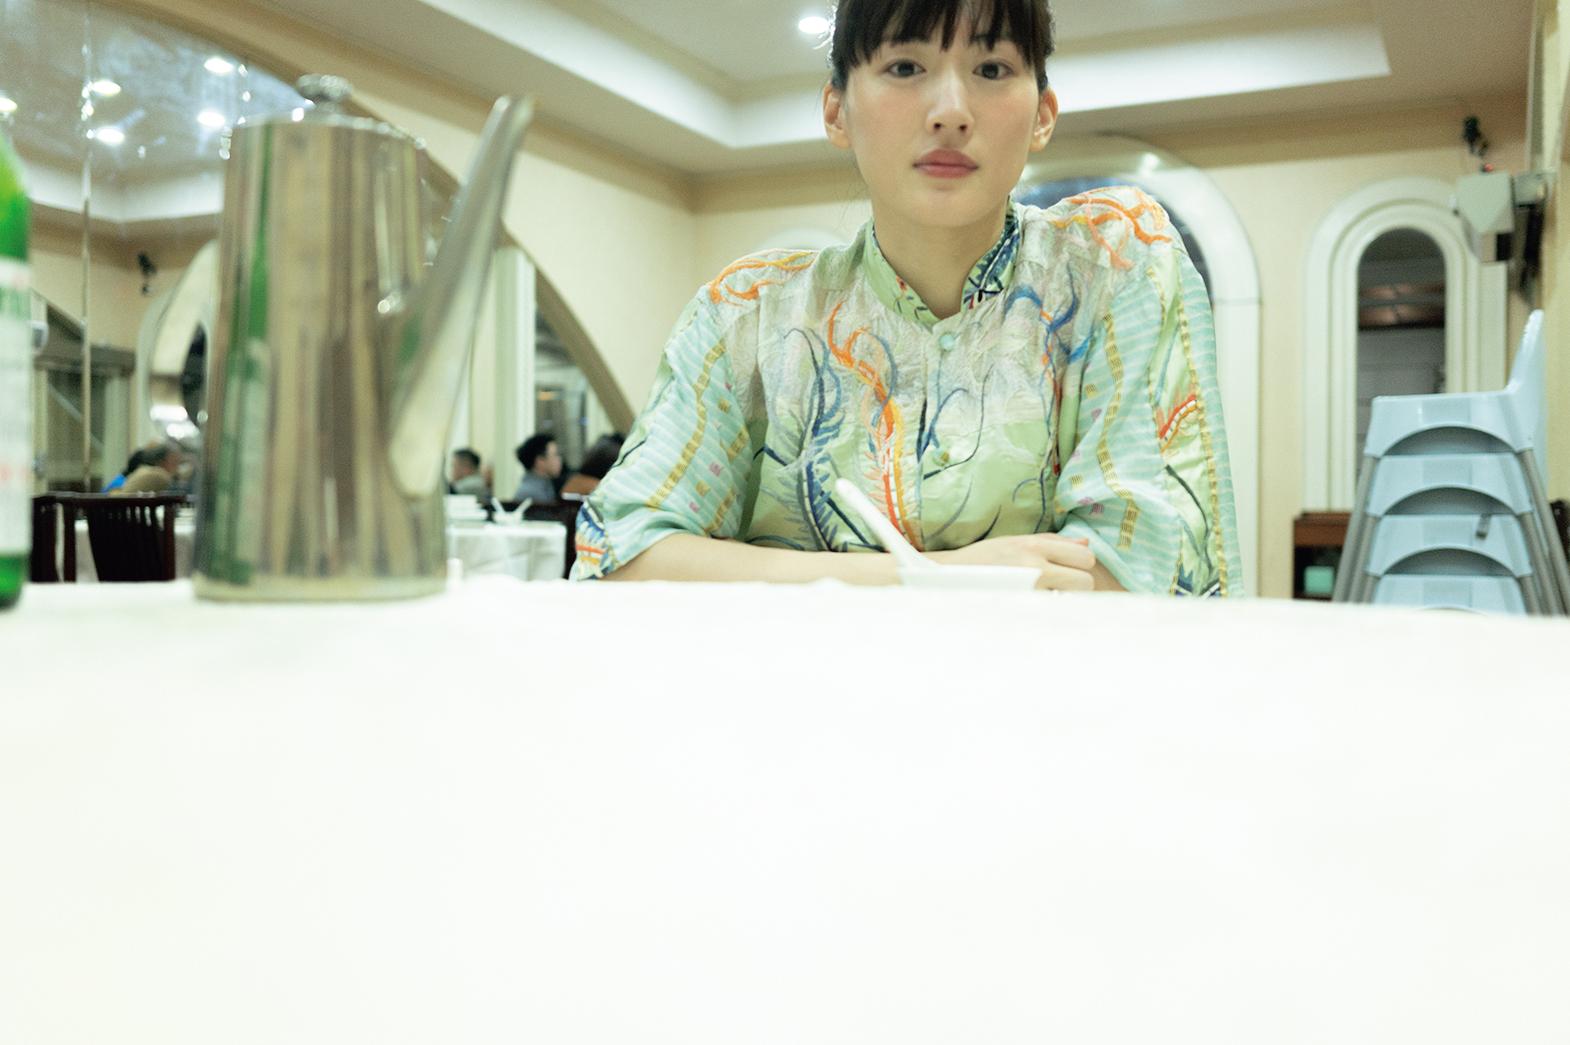 綾瀬はるか/『ハルカノイセカイ』(C)講談社